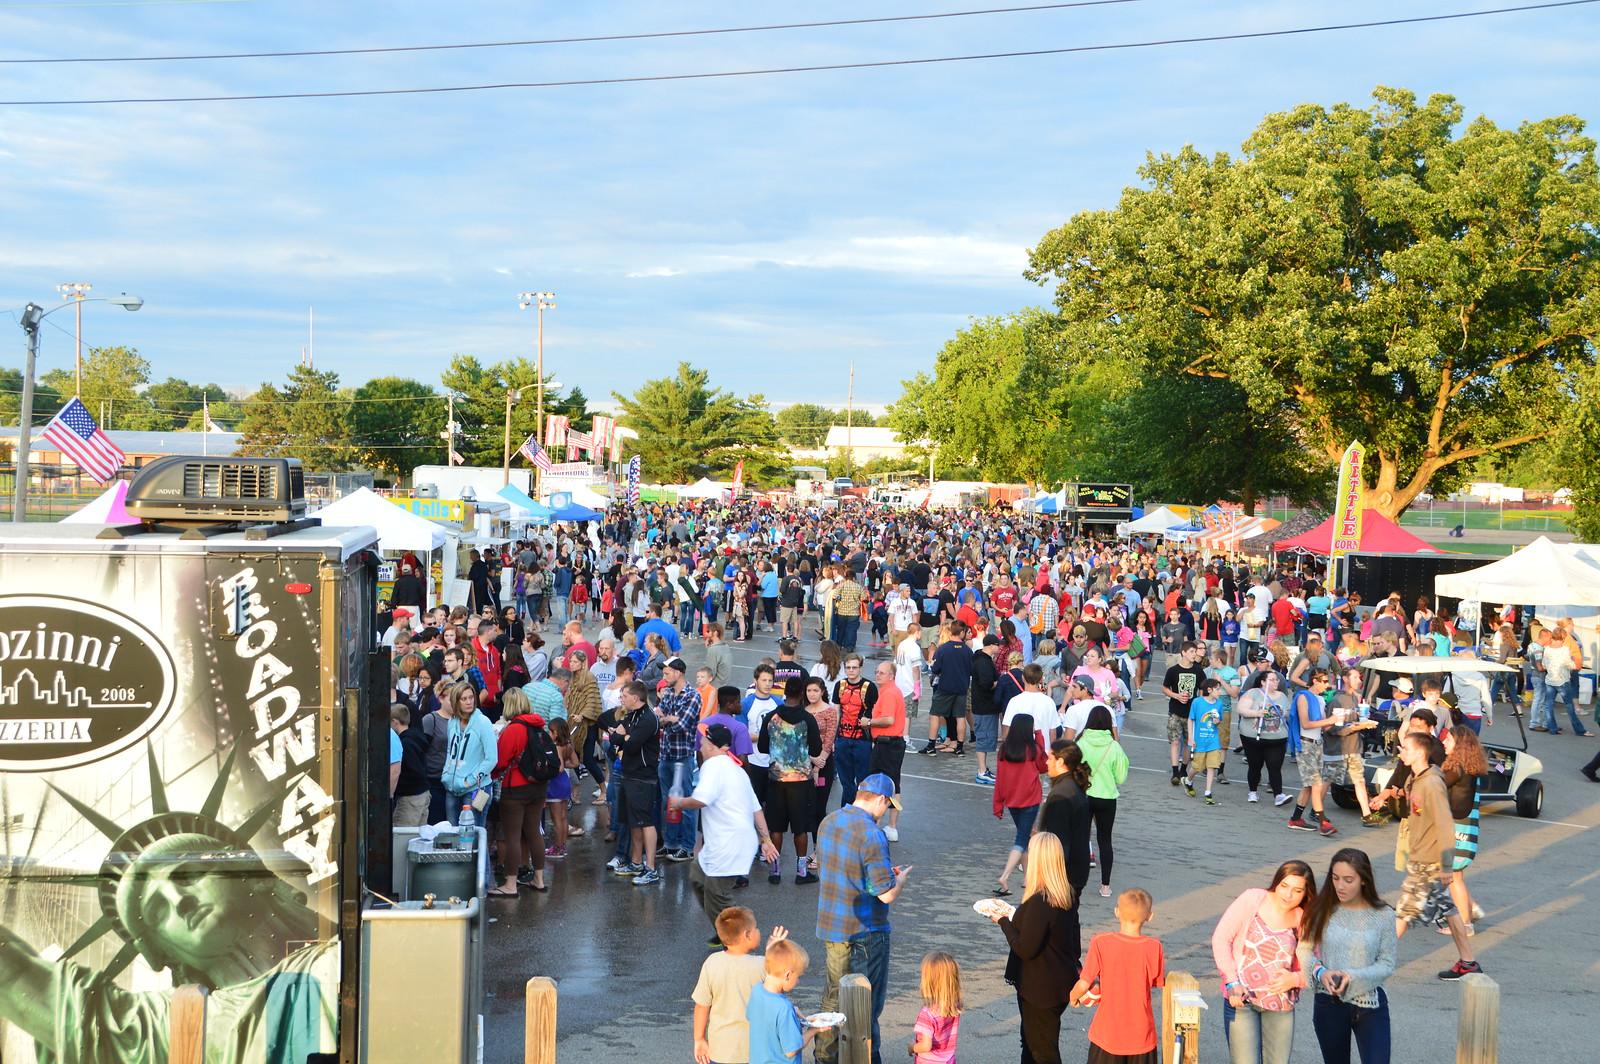 Greenwood Indiana Freedom Festival